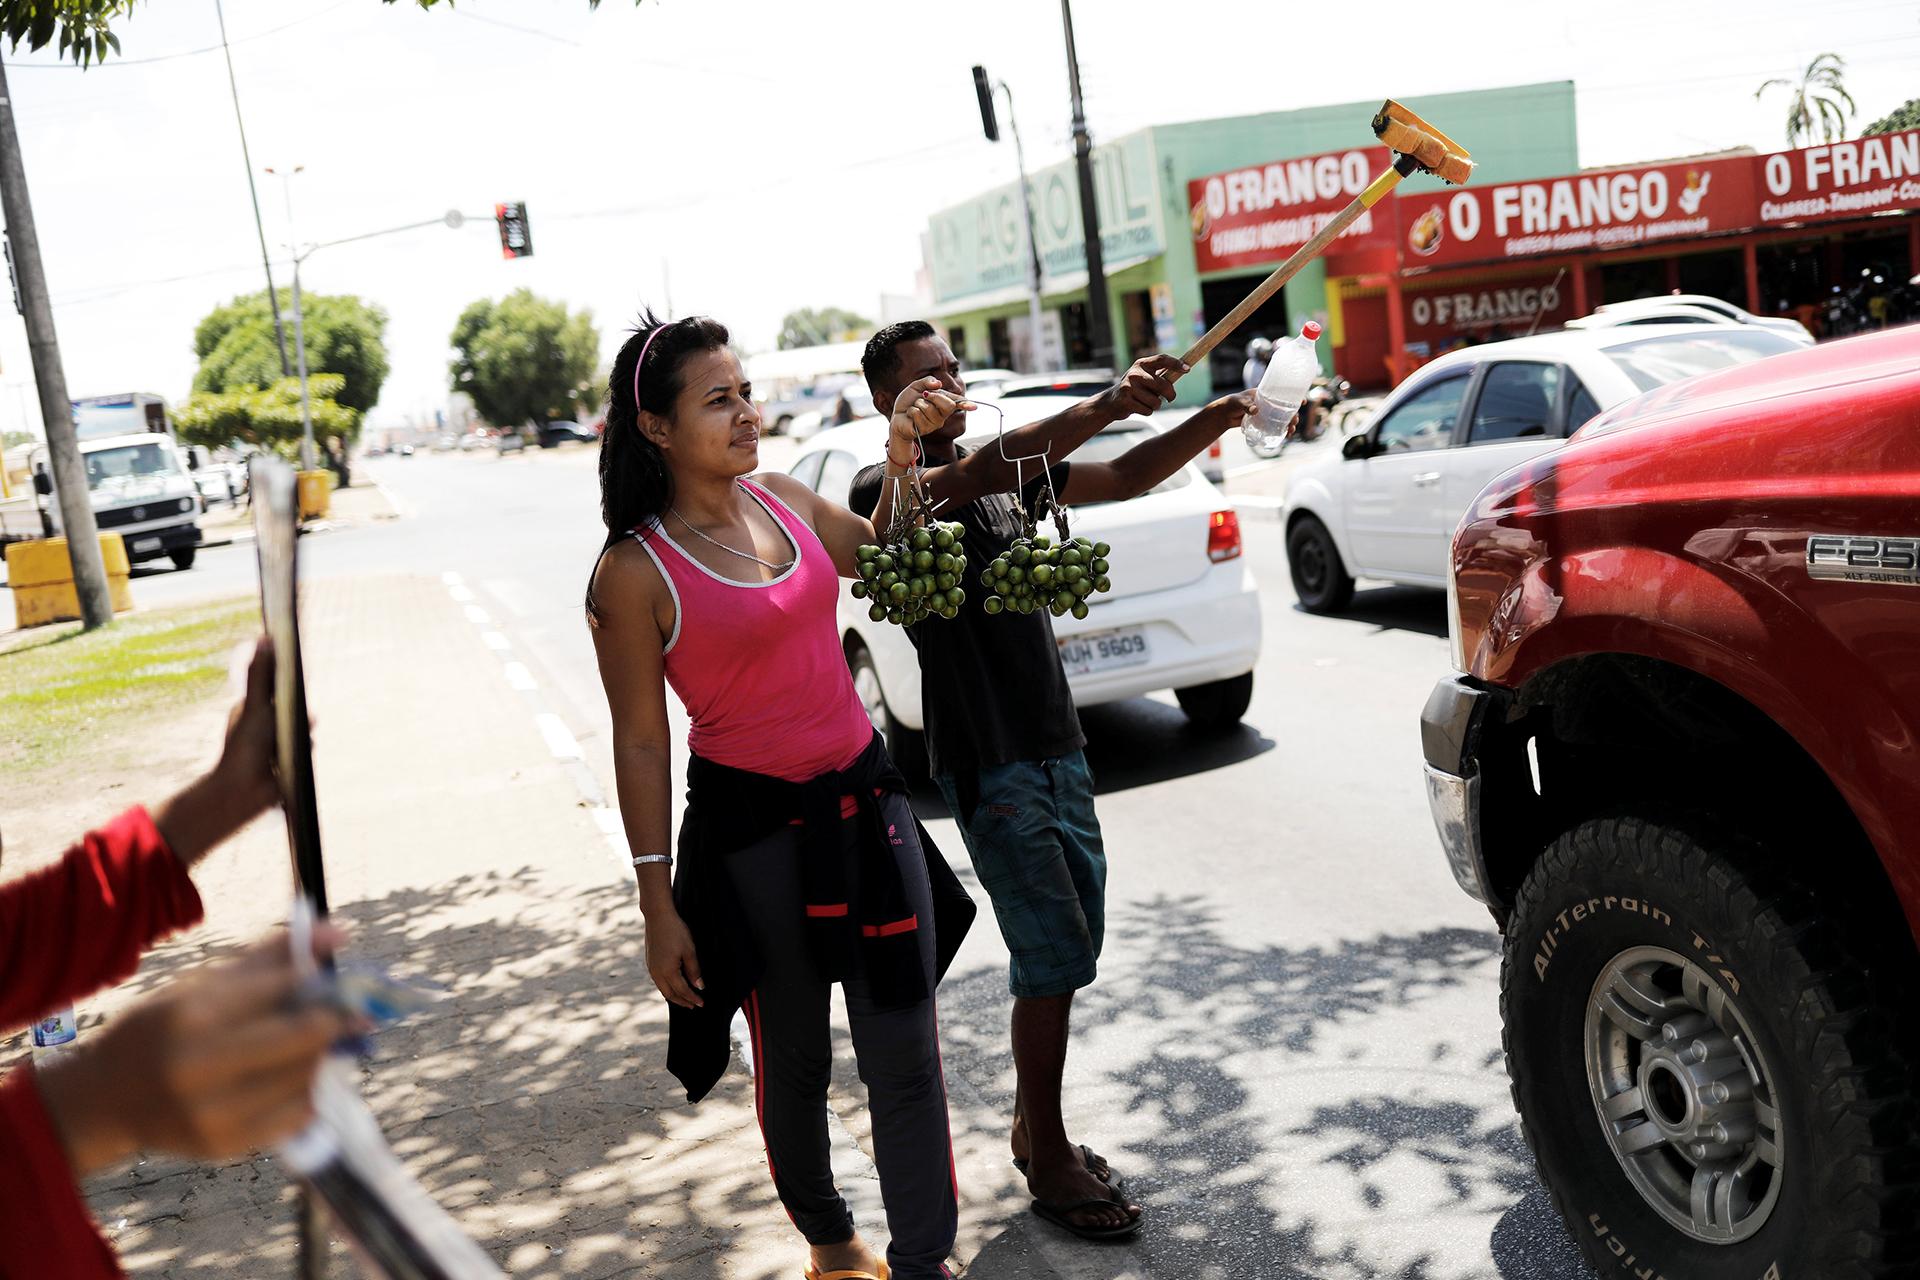 Muchos se dedican a limpiar vidrios (REUTERS)